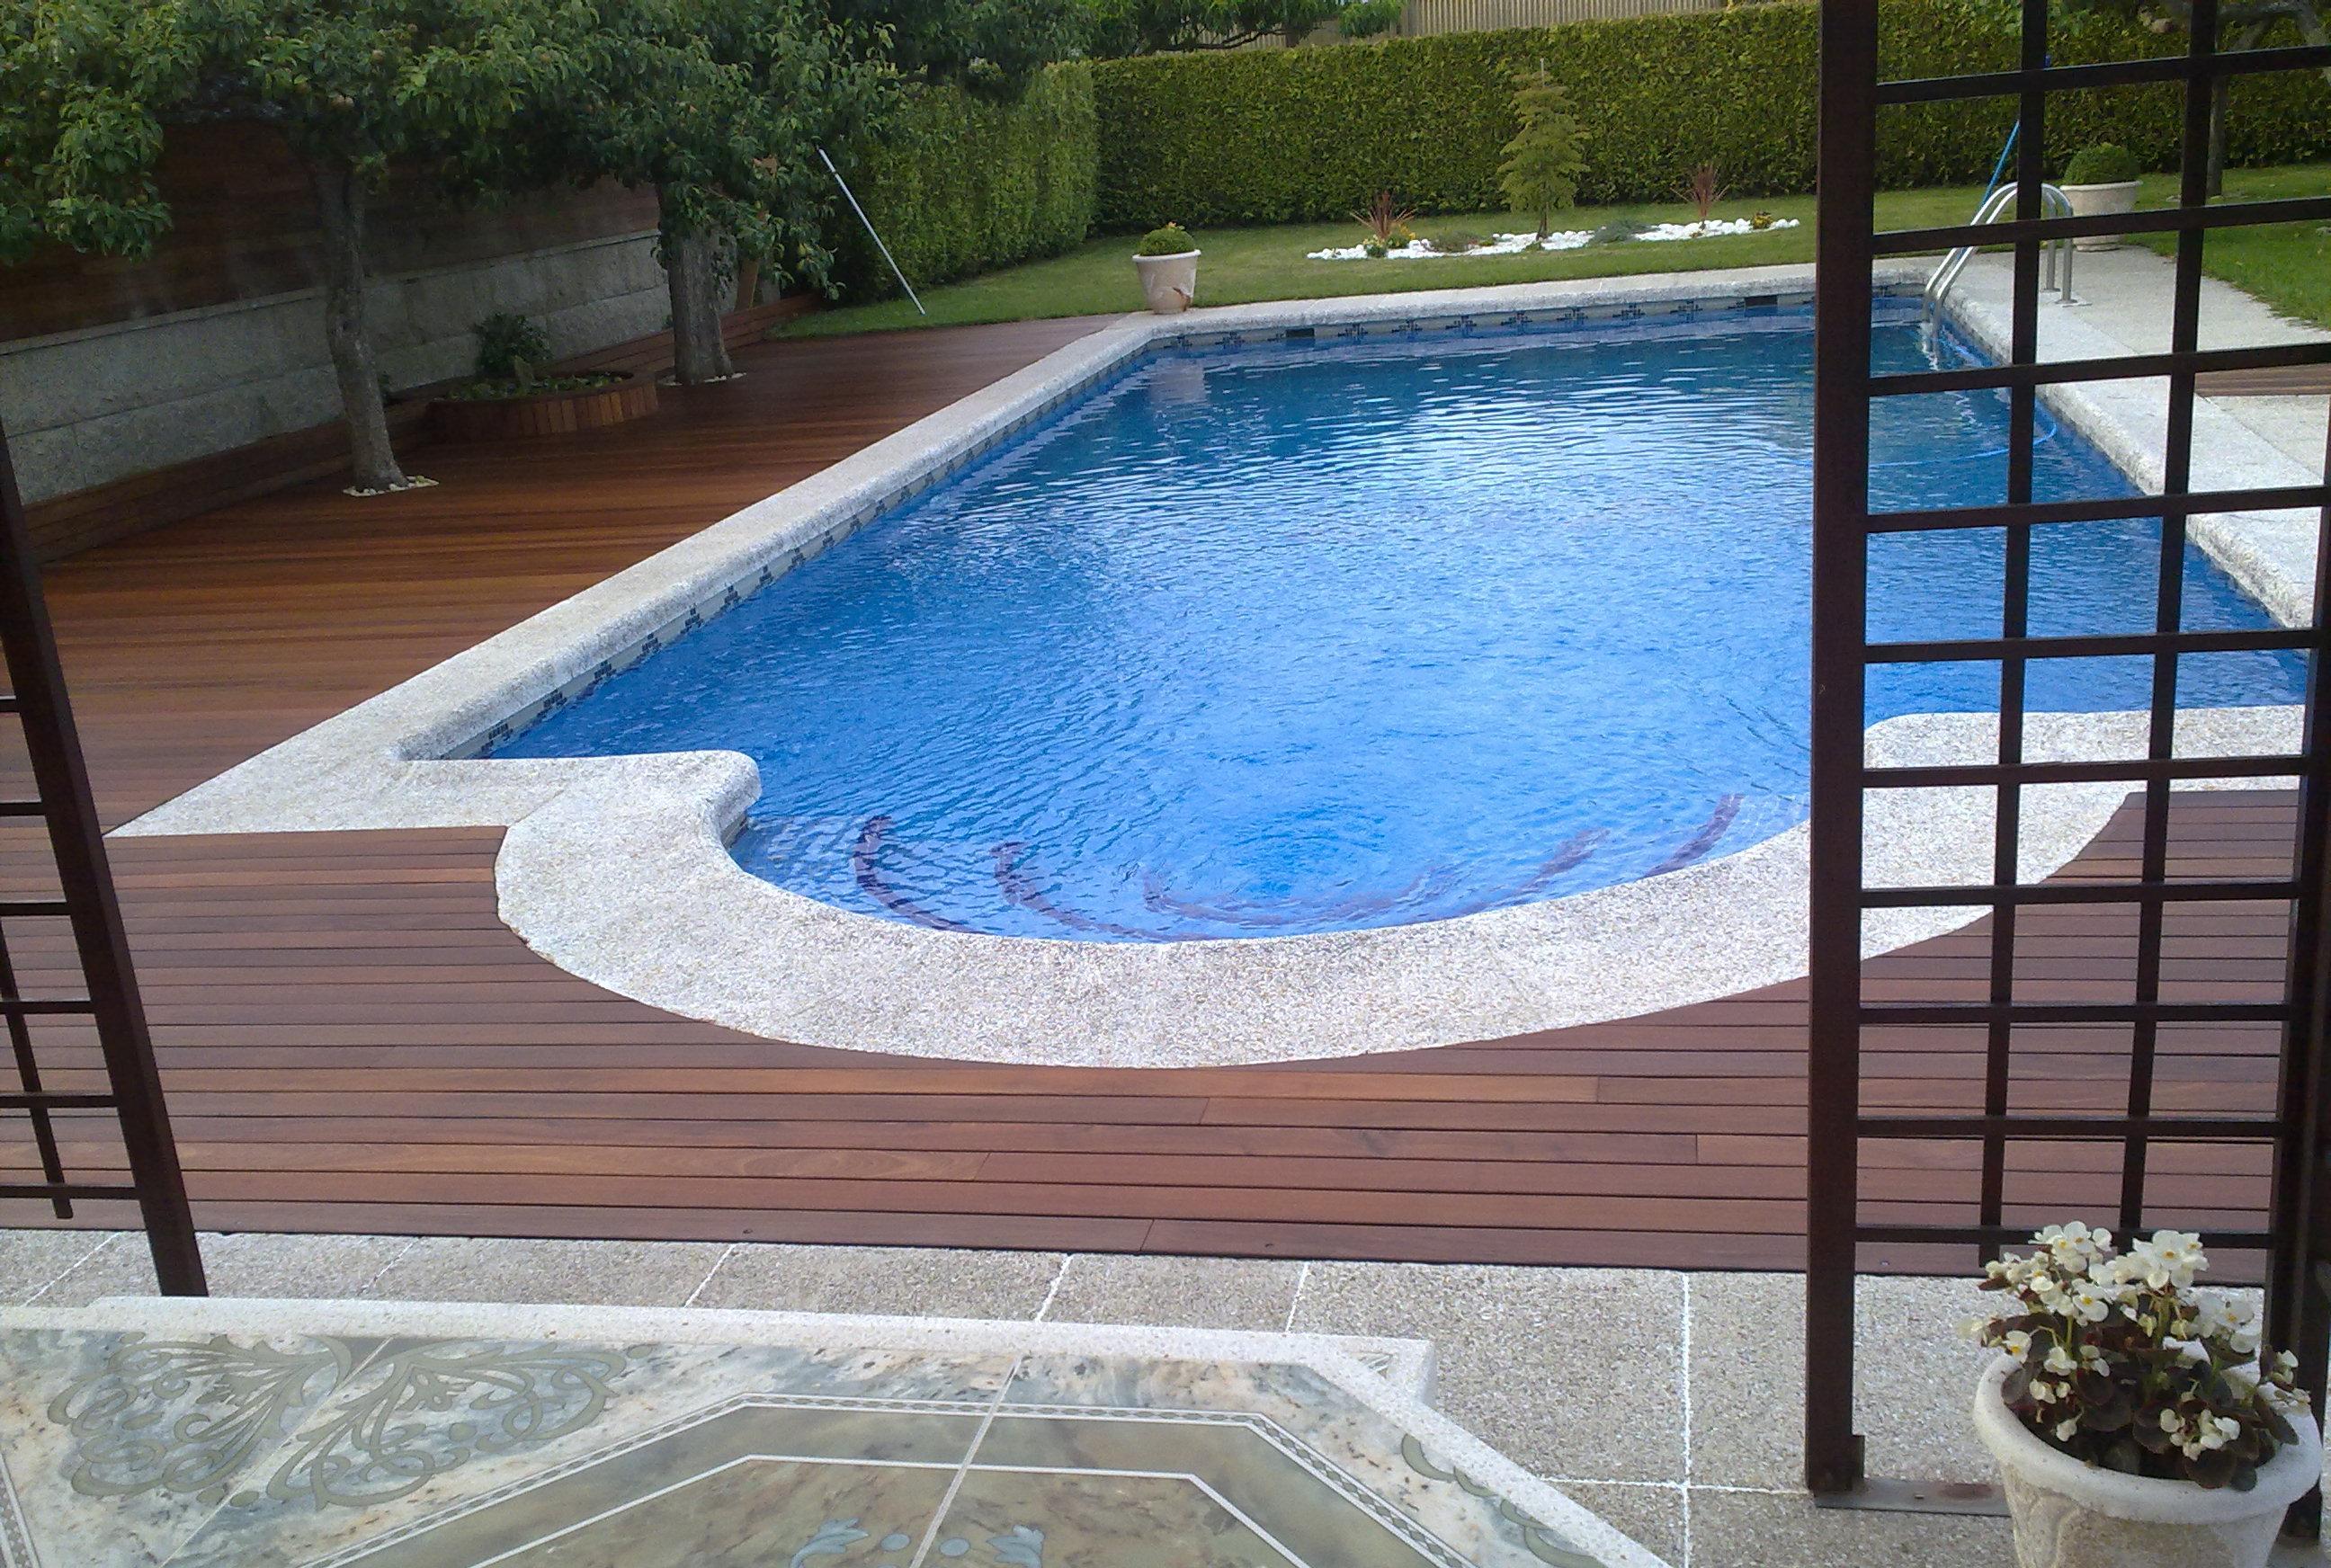 Foto 2 de Parquets y revestimientos de suelo en Pontevedra   Parquets Vázquez Búa